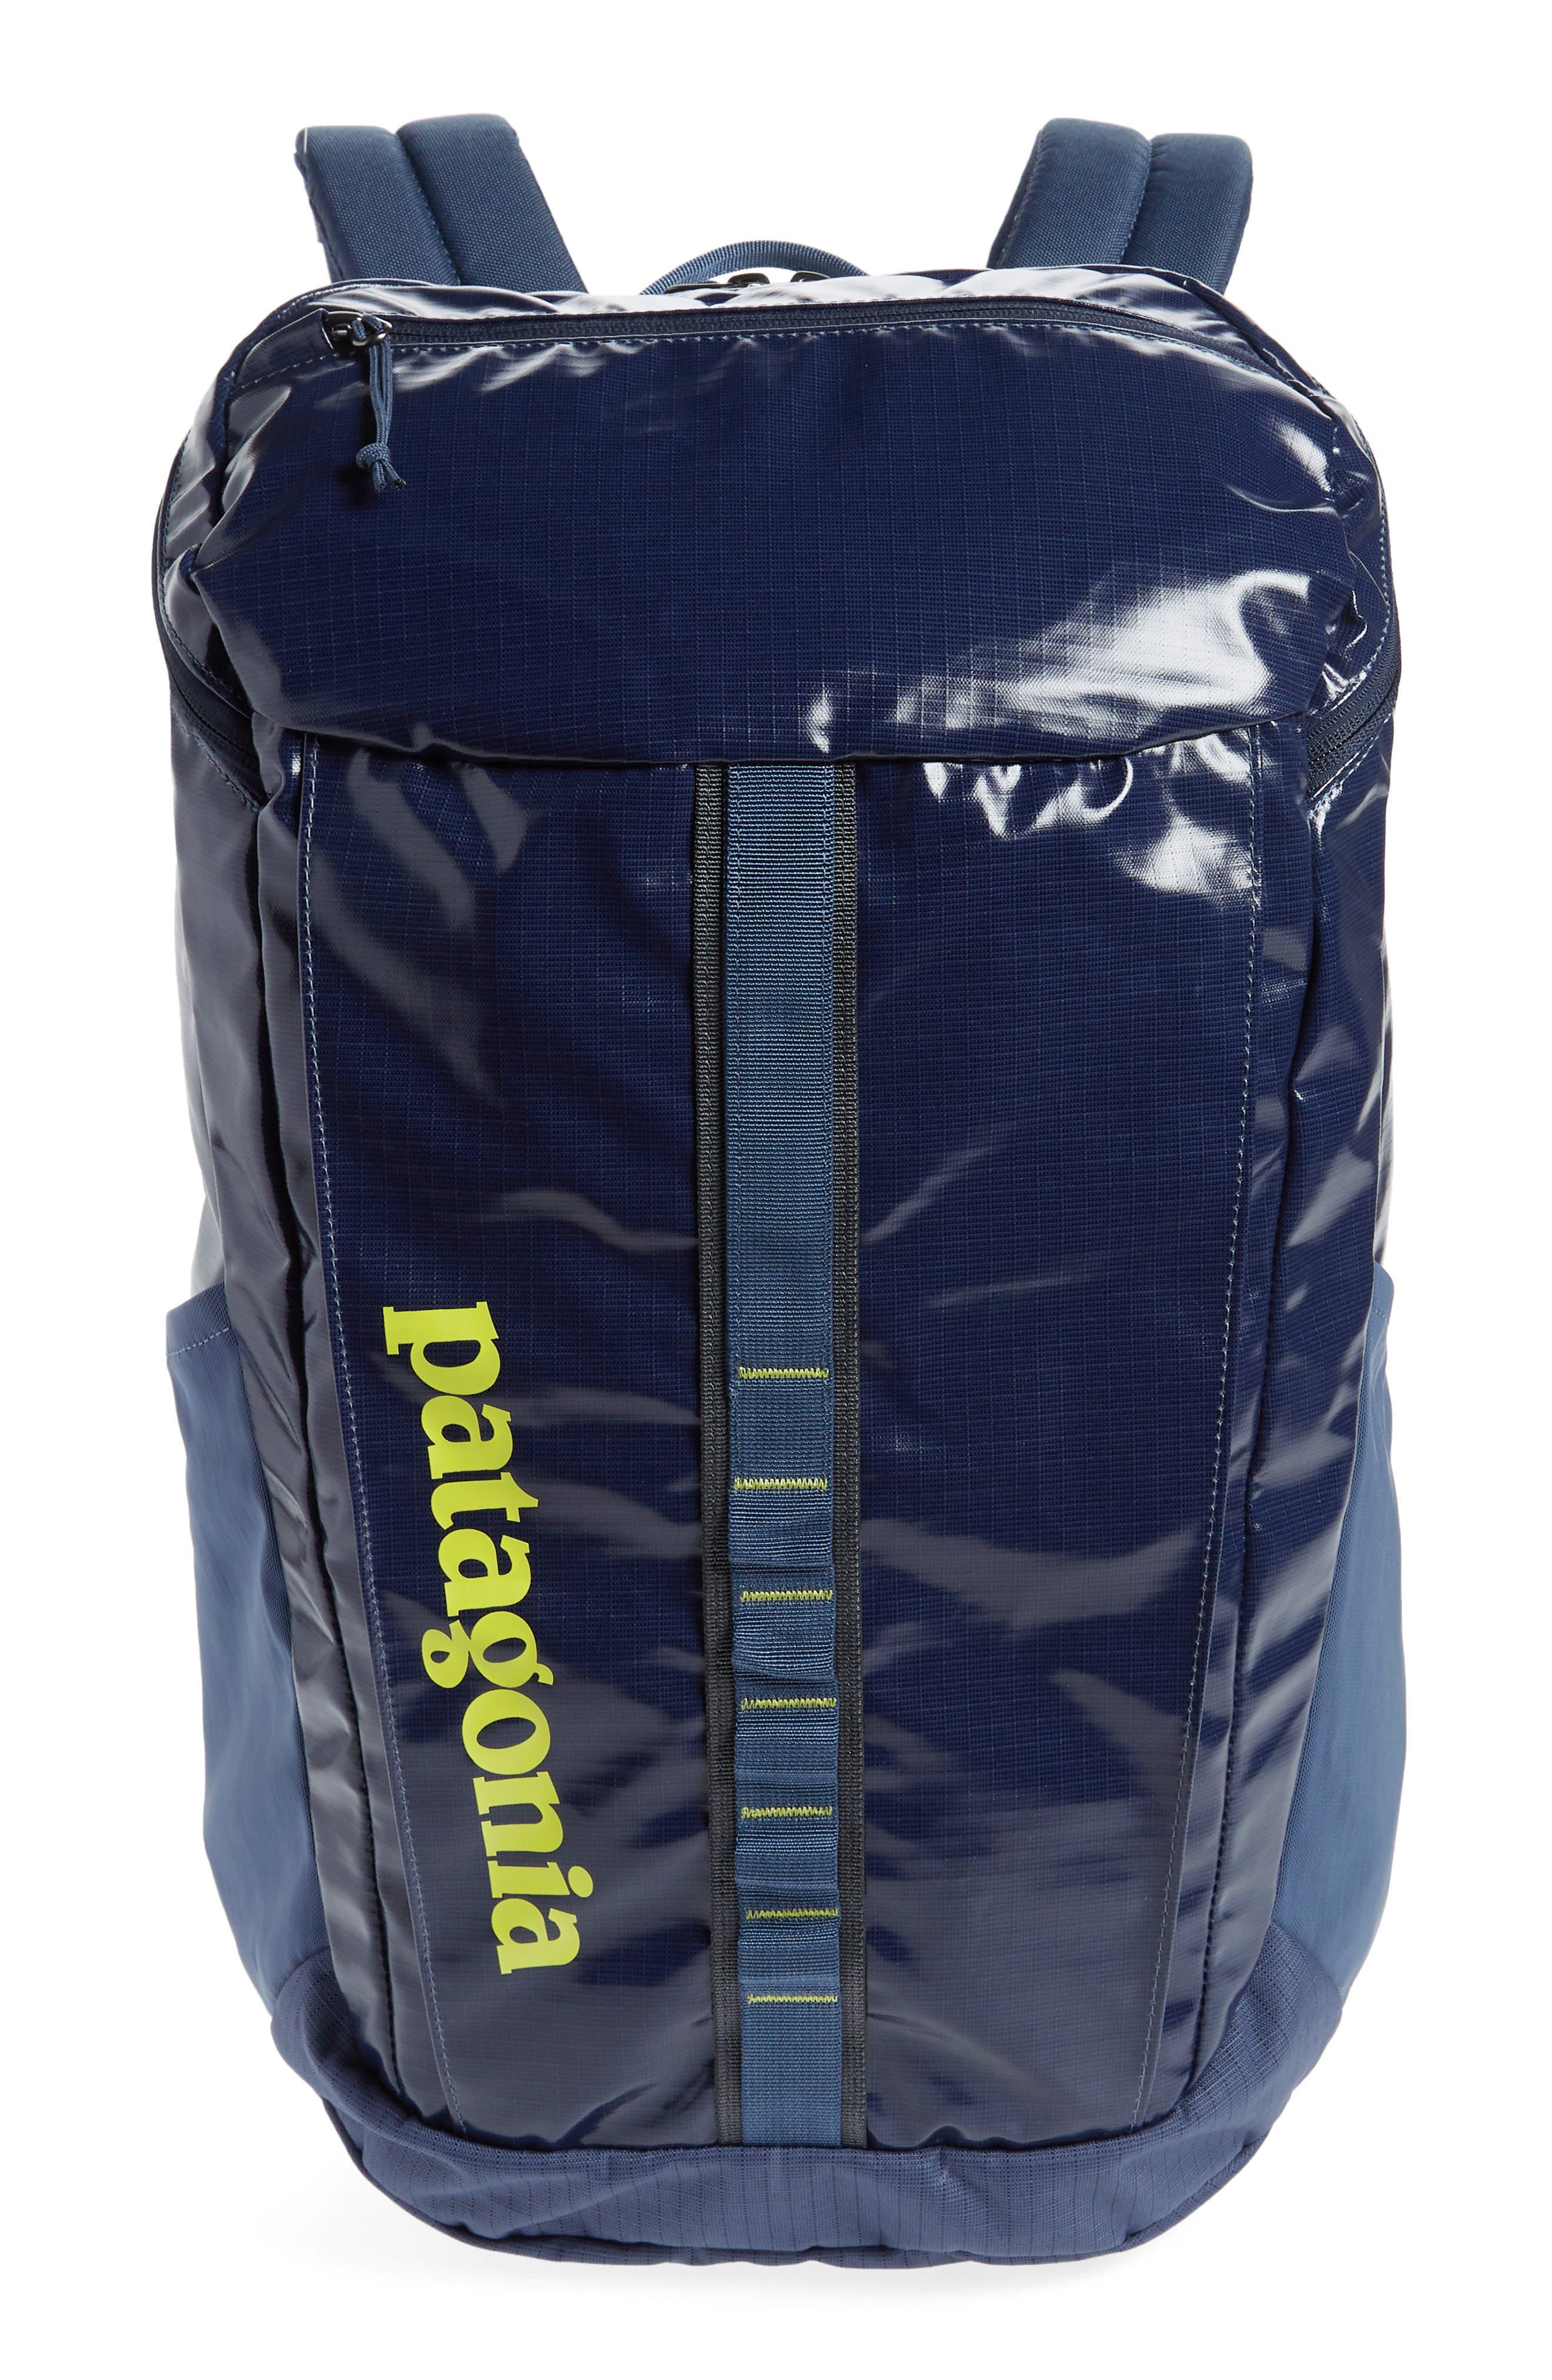 Black Hole 25 Liter Backpack,                         Main,                         color, DOLOMITE BLUE